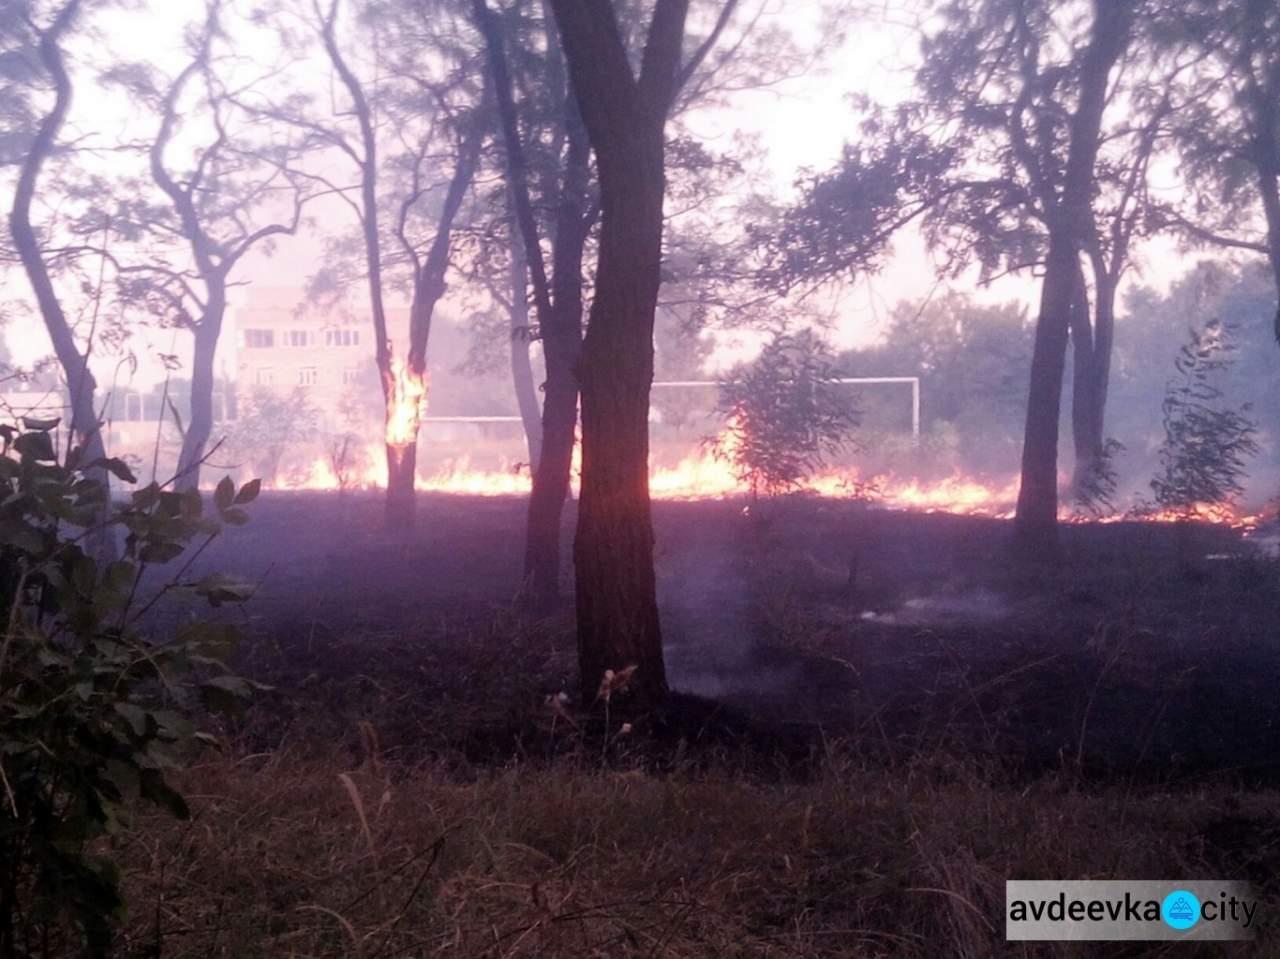 В Авдеевке загорелась территория школы (Фото)